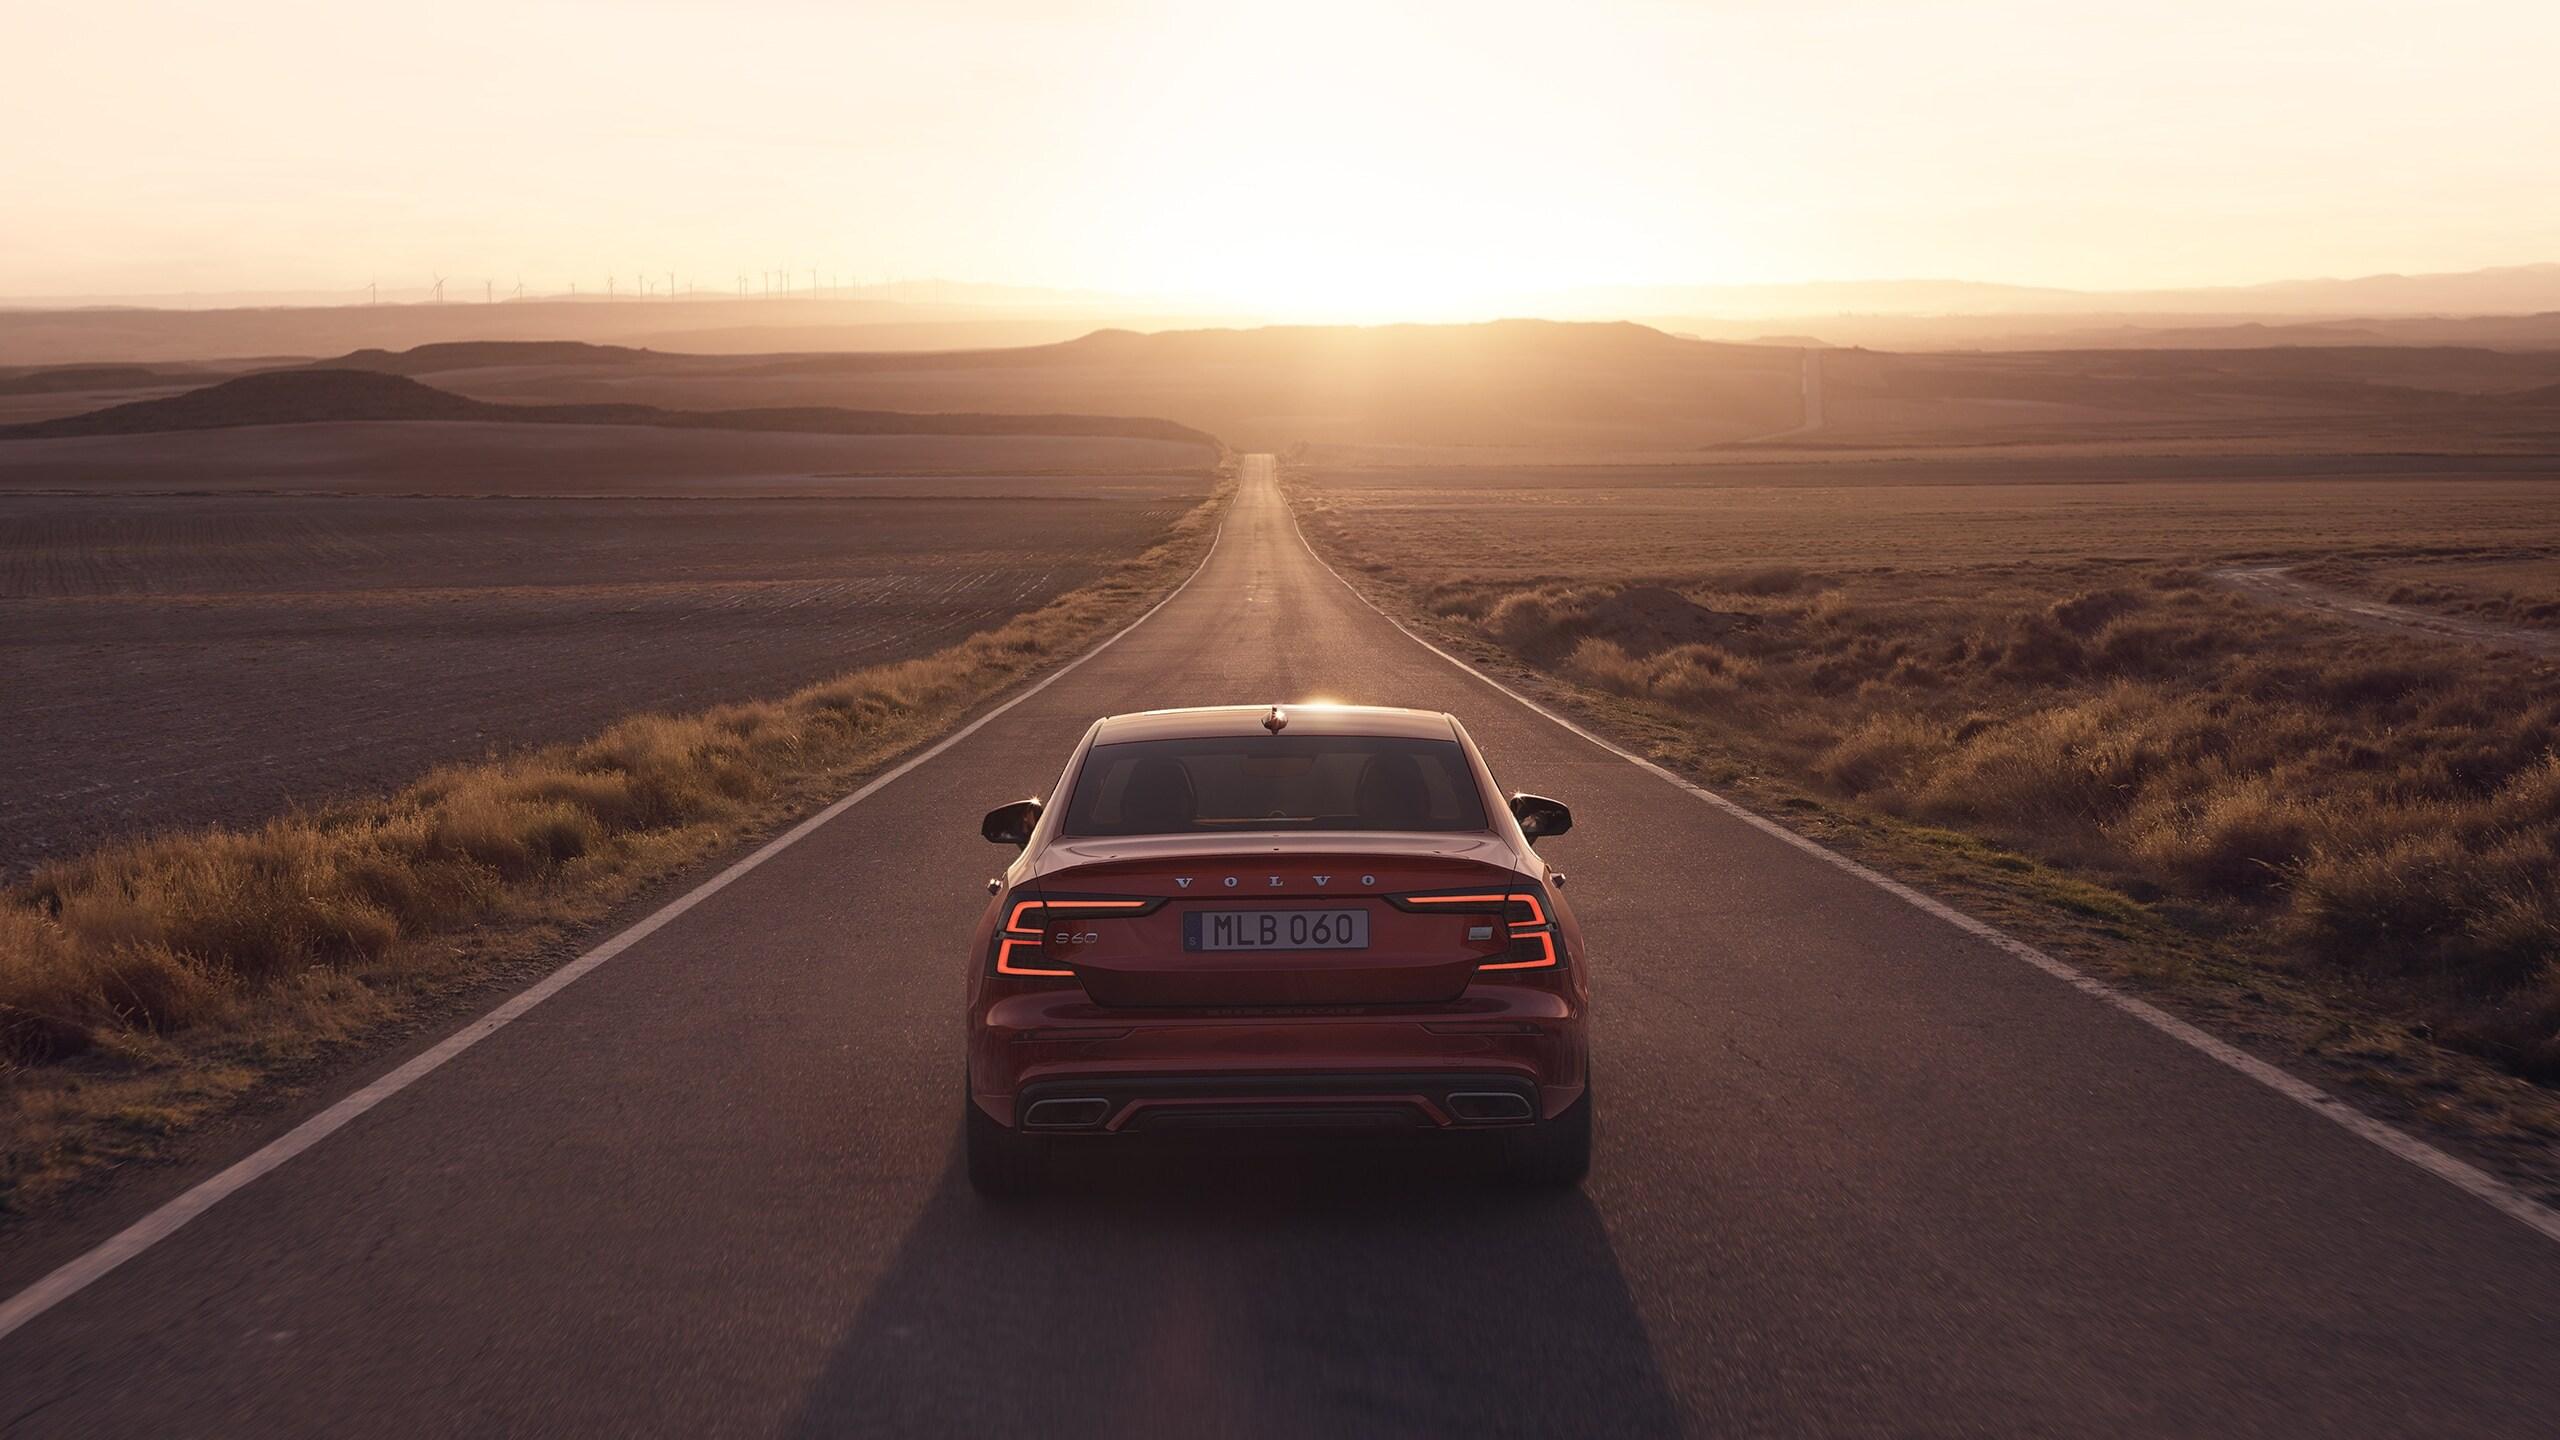 En rød Volvo S60 Recharge kjører på en vei i solnedgang.